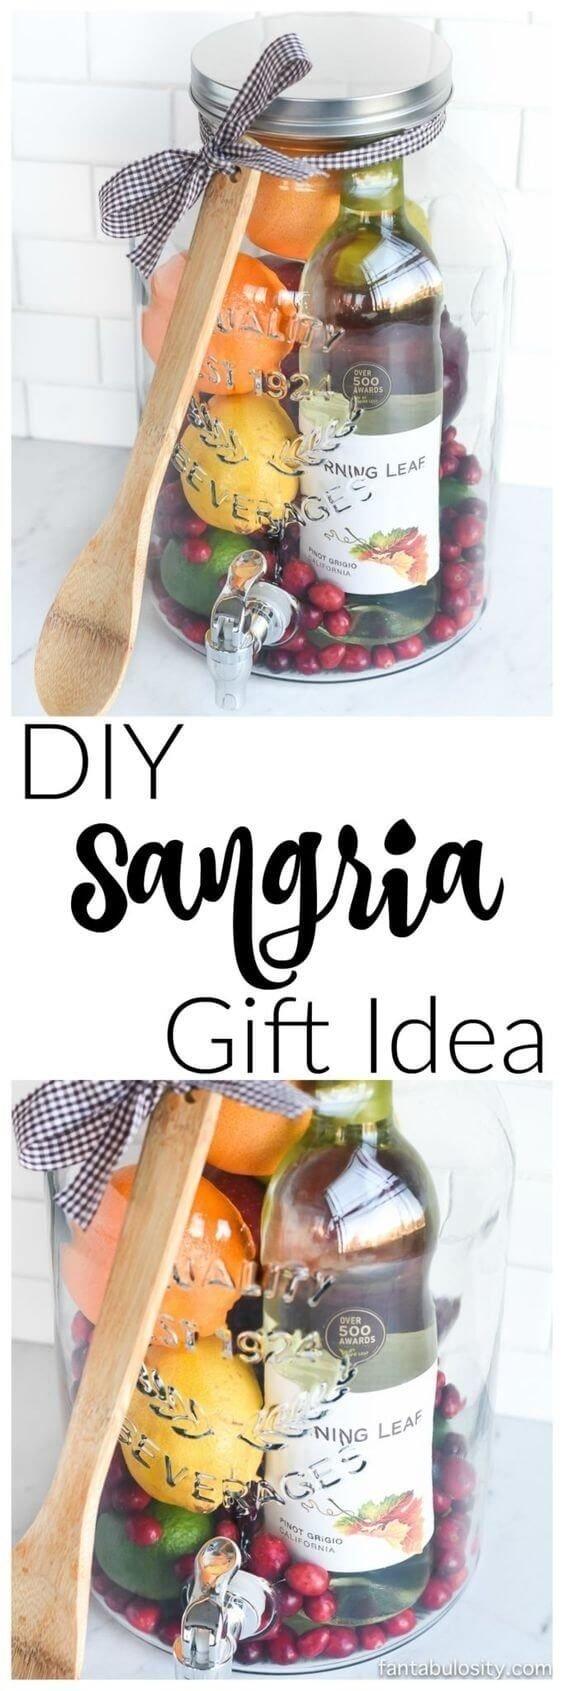 10 Lovely Hostess Gift Ideas For Dinner 32 best baby shower hostess gifts images on pinterest gift ideas 2021